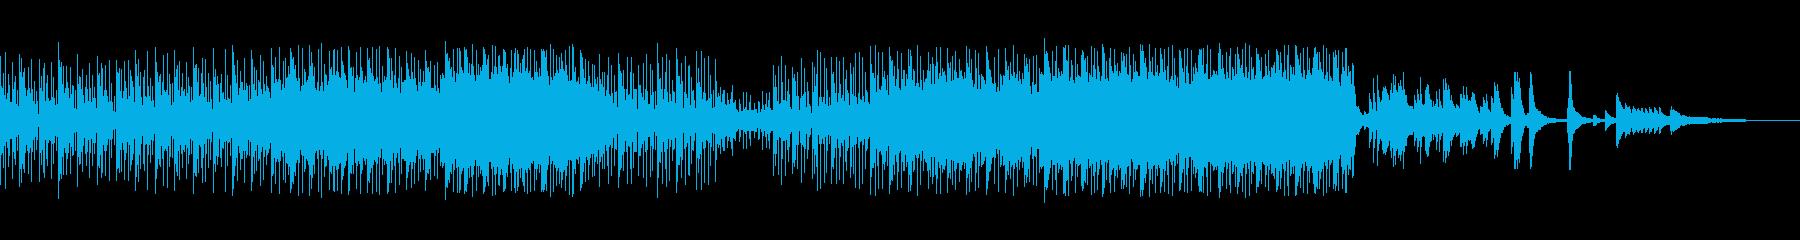 孤独な兵士〜フルバージョンの再生済みの波形